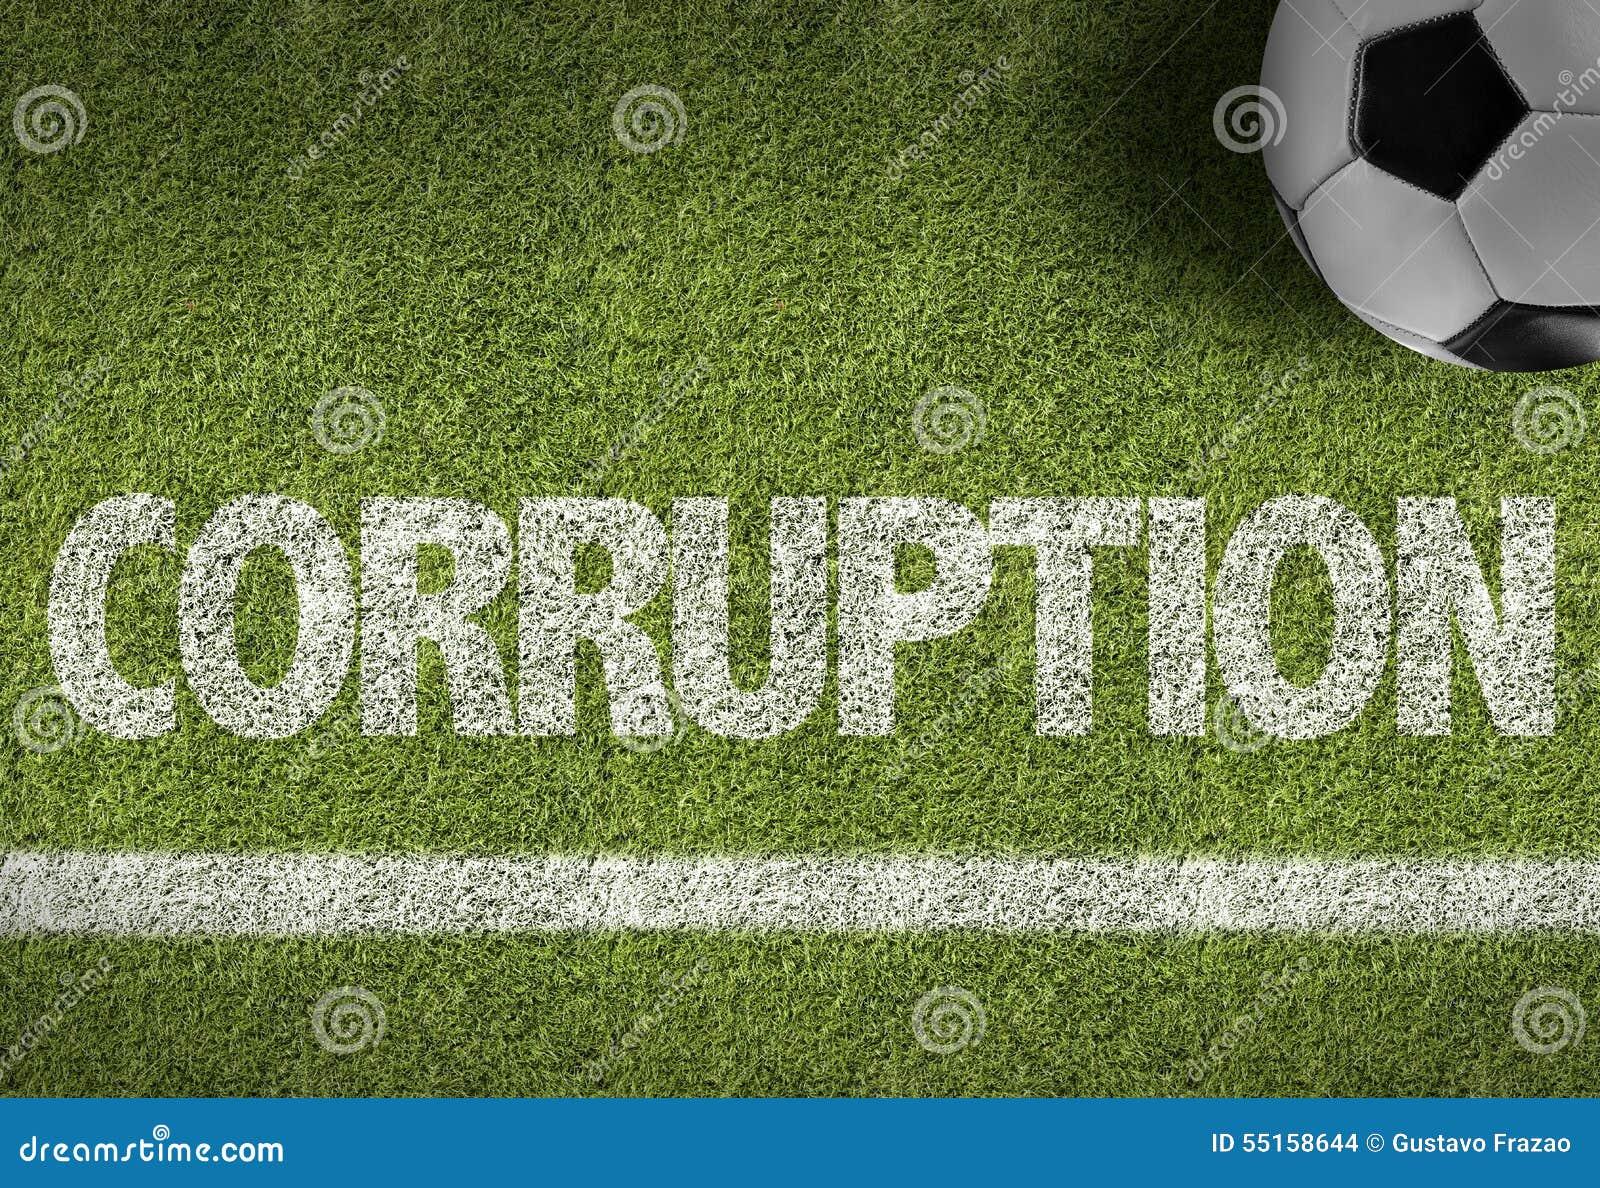 Terrain de football avec le texte : Corruption